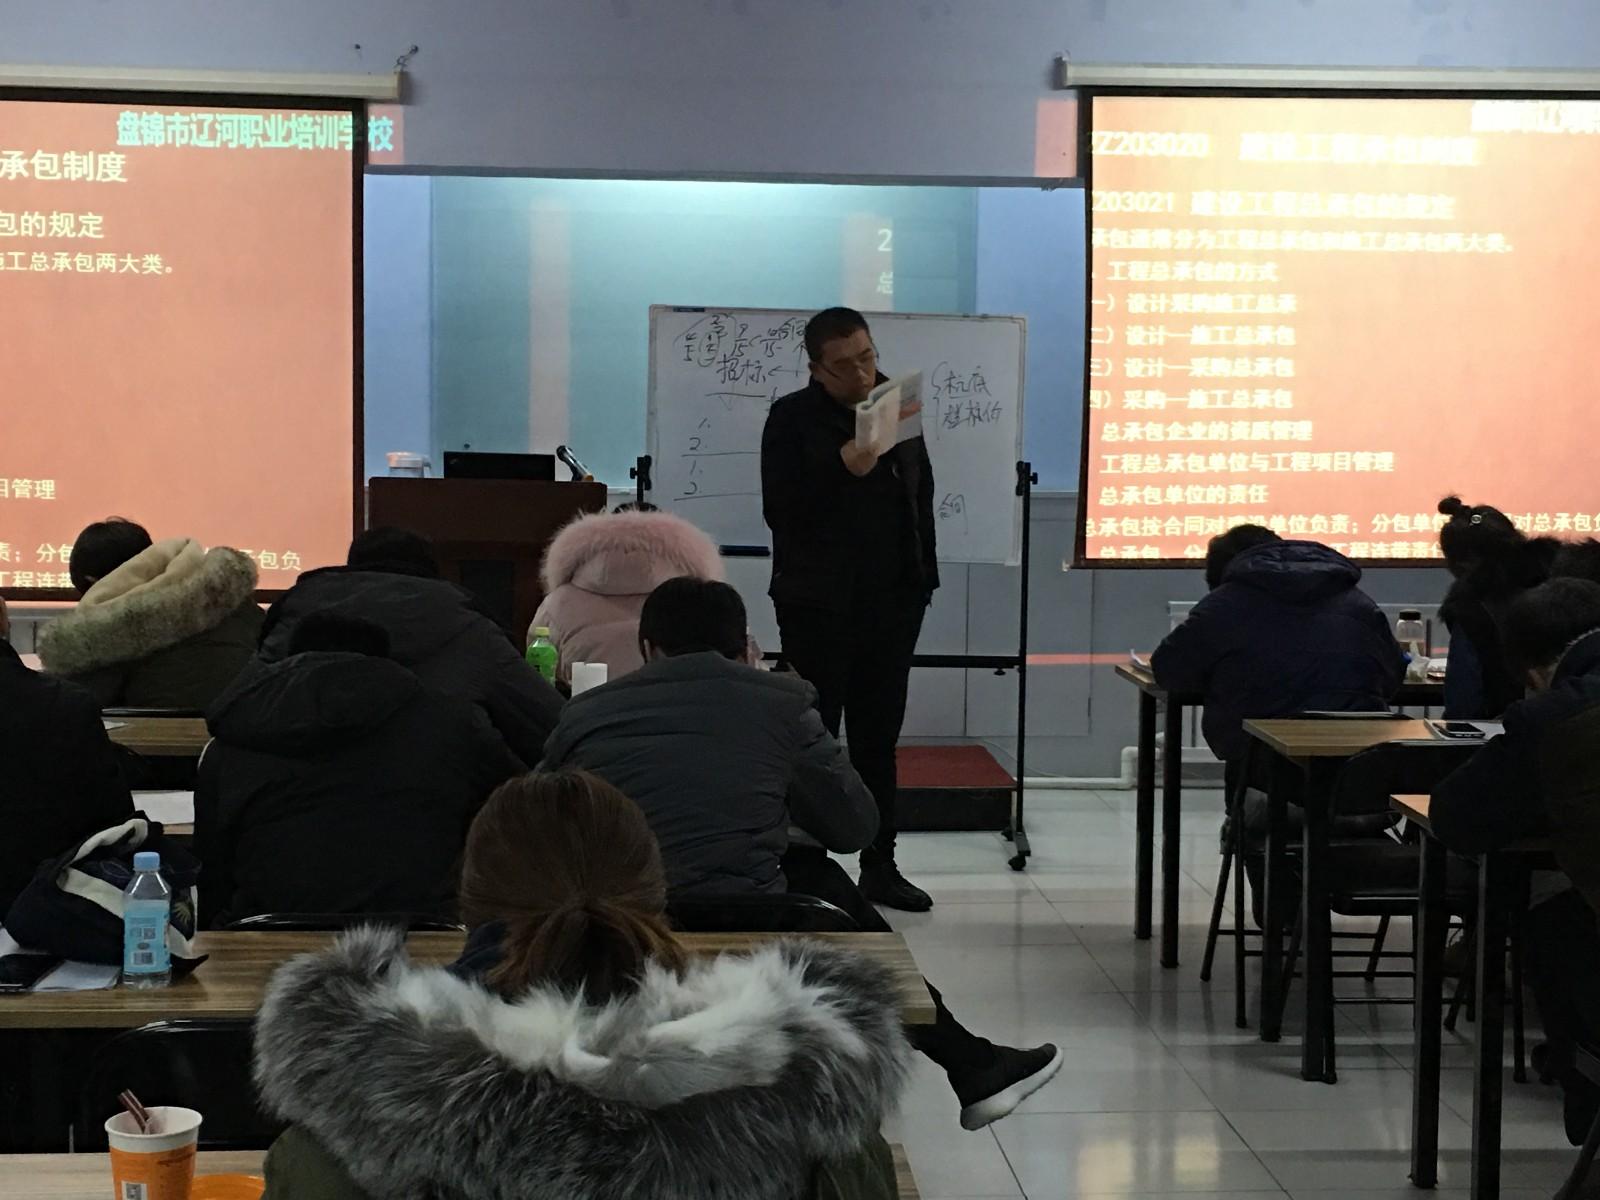 二级建造师考试培训班上课啦~~~|考试新闻-盘锦辽河职业培训学校